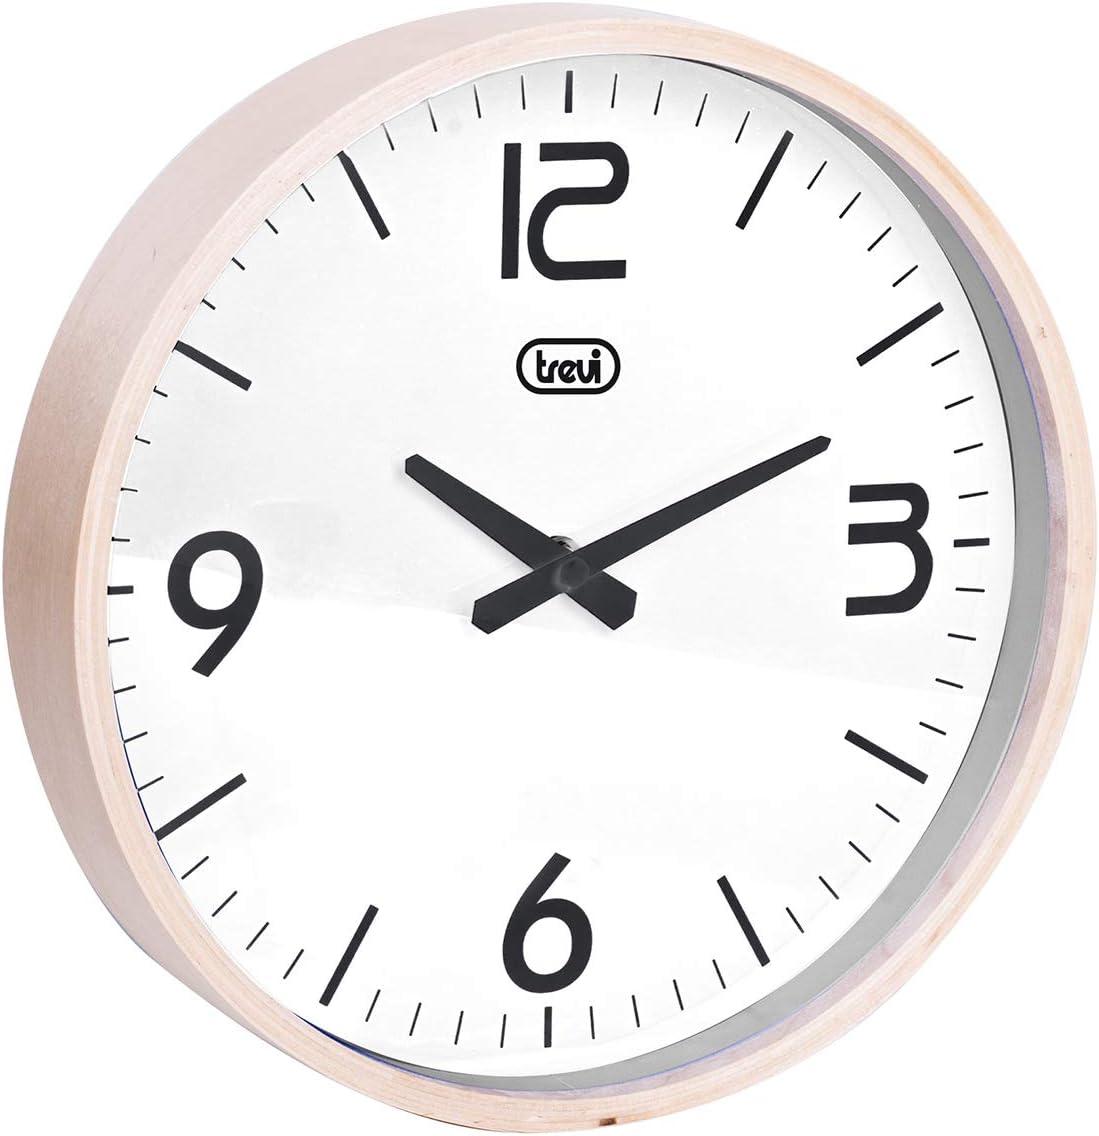 25 Bois//Plastique Trevi Om 3311/L Horloge Murale Rose